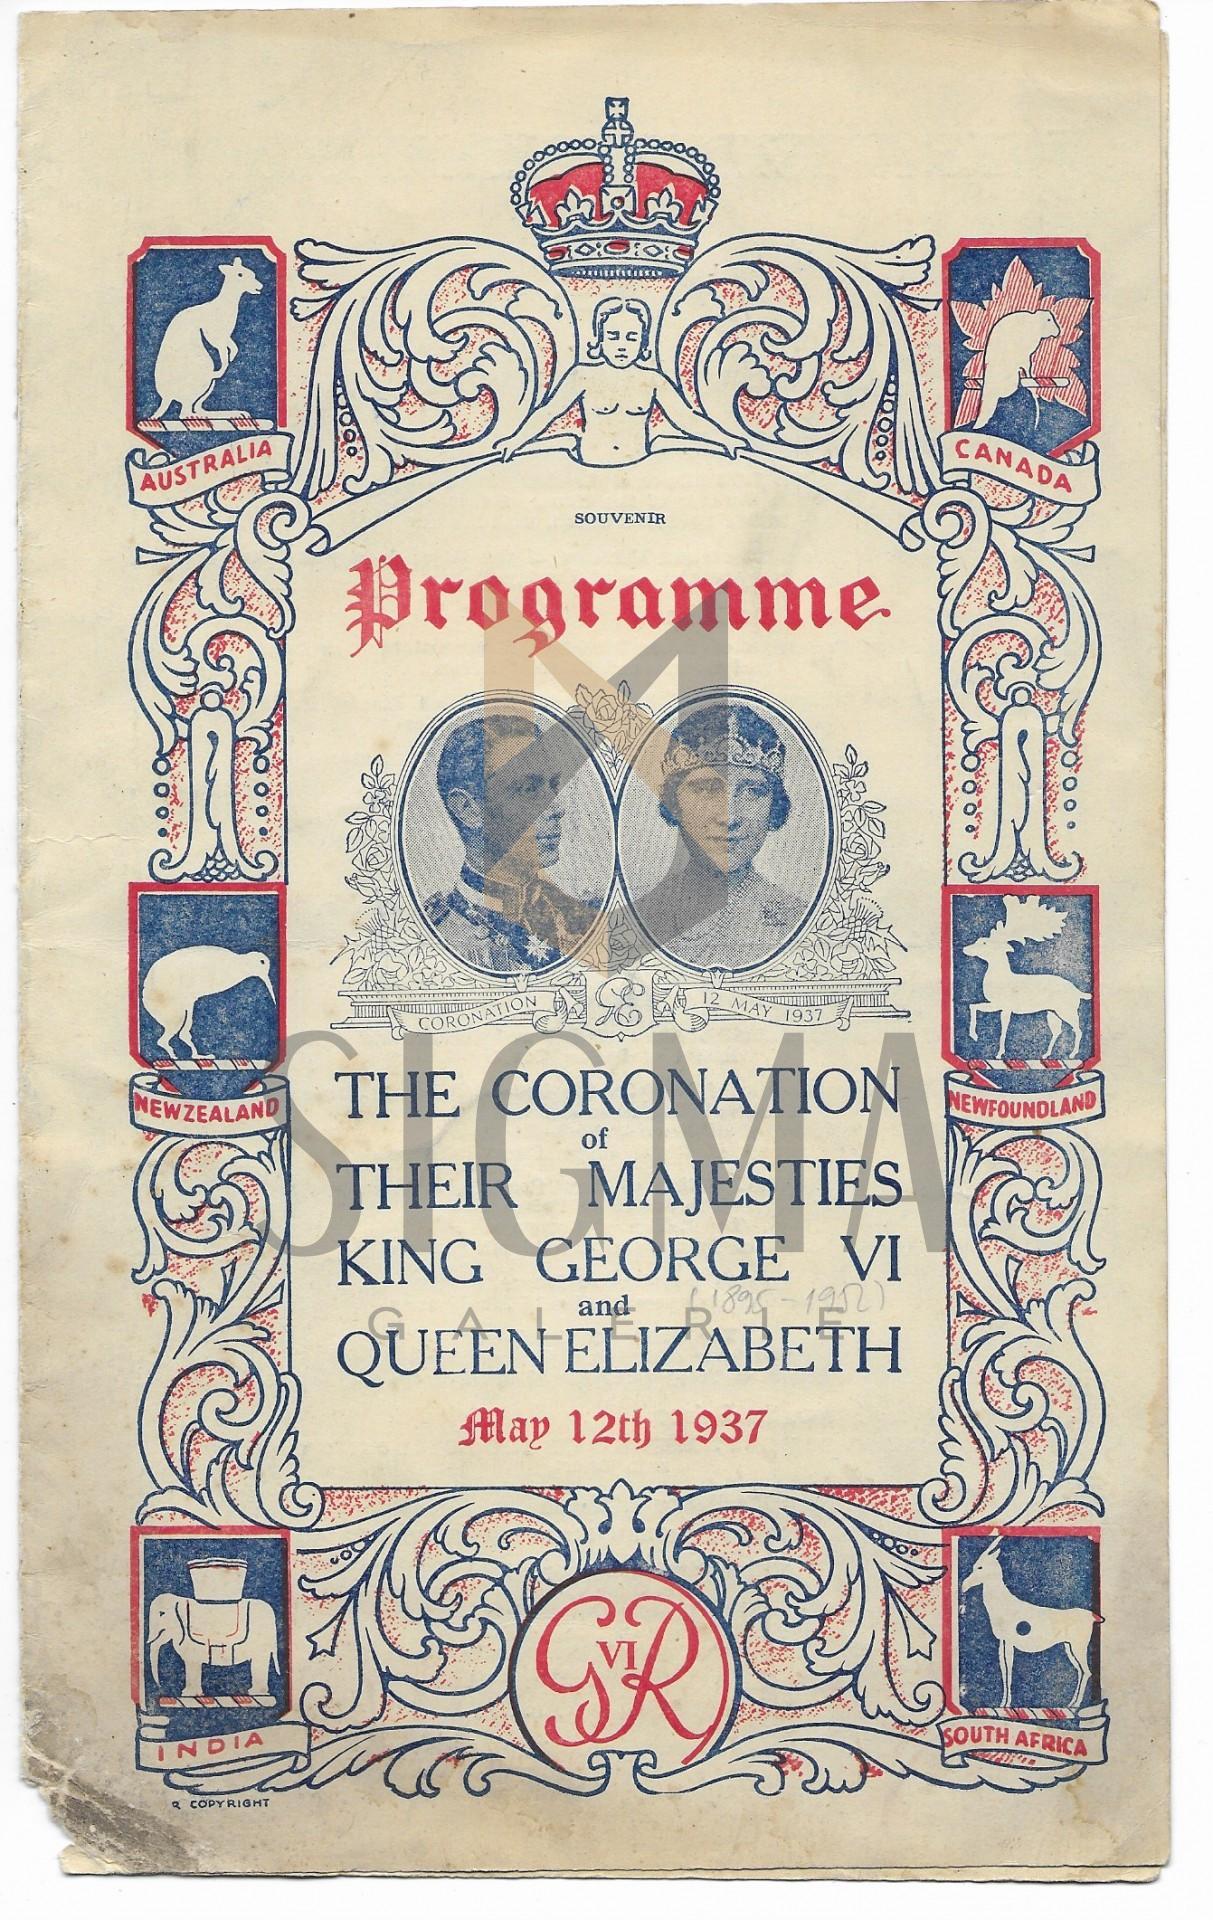 PROGRAM, INCORONAREA MAJESTATII SALE REGELE GEORGE al VI-lea SI REGINA ELISABETA A ANGLIEI, 1937